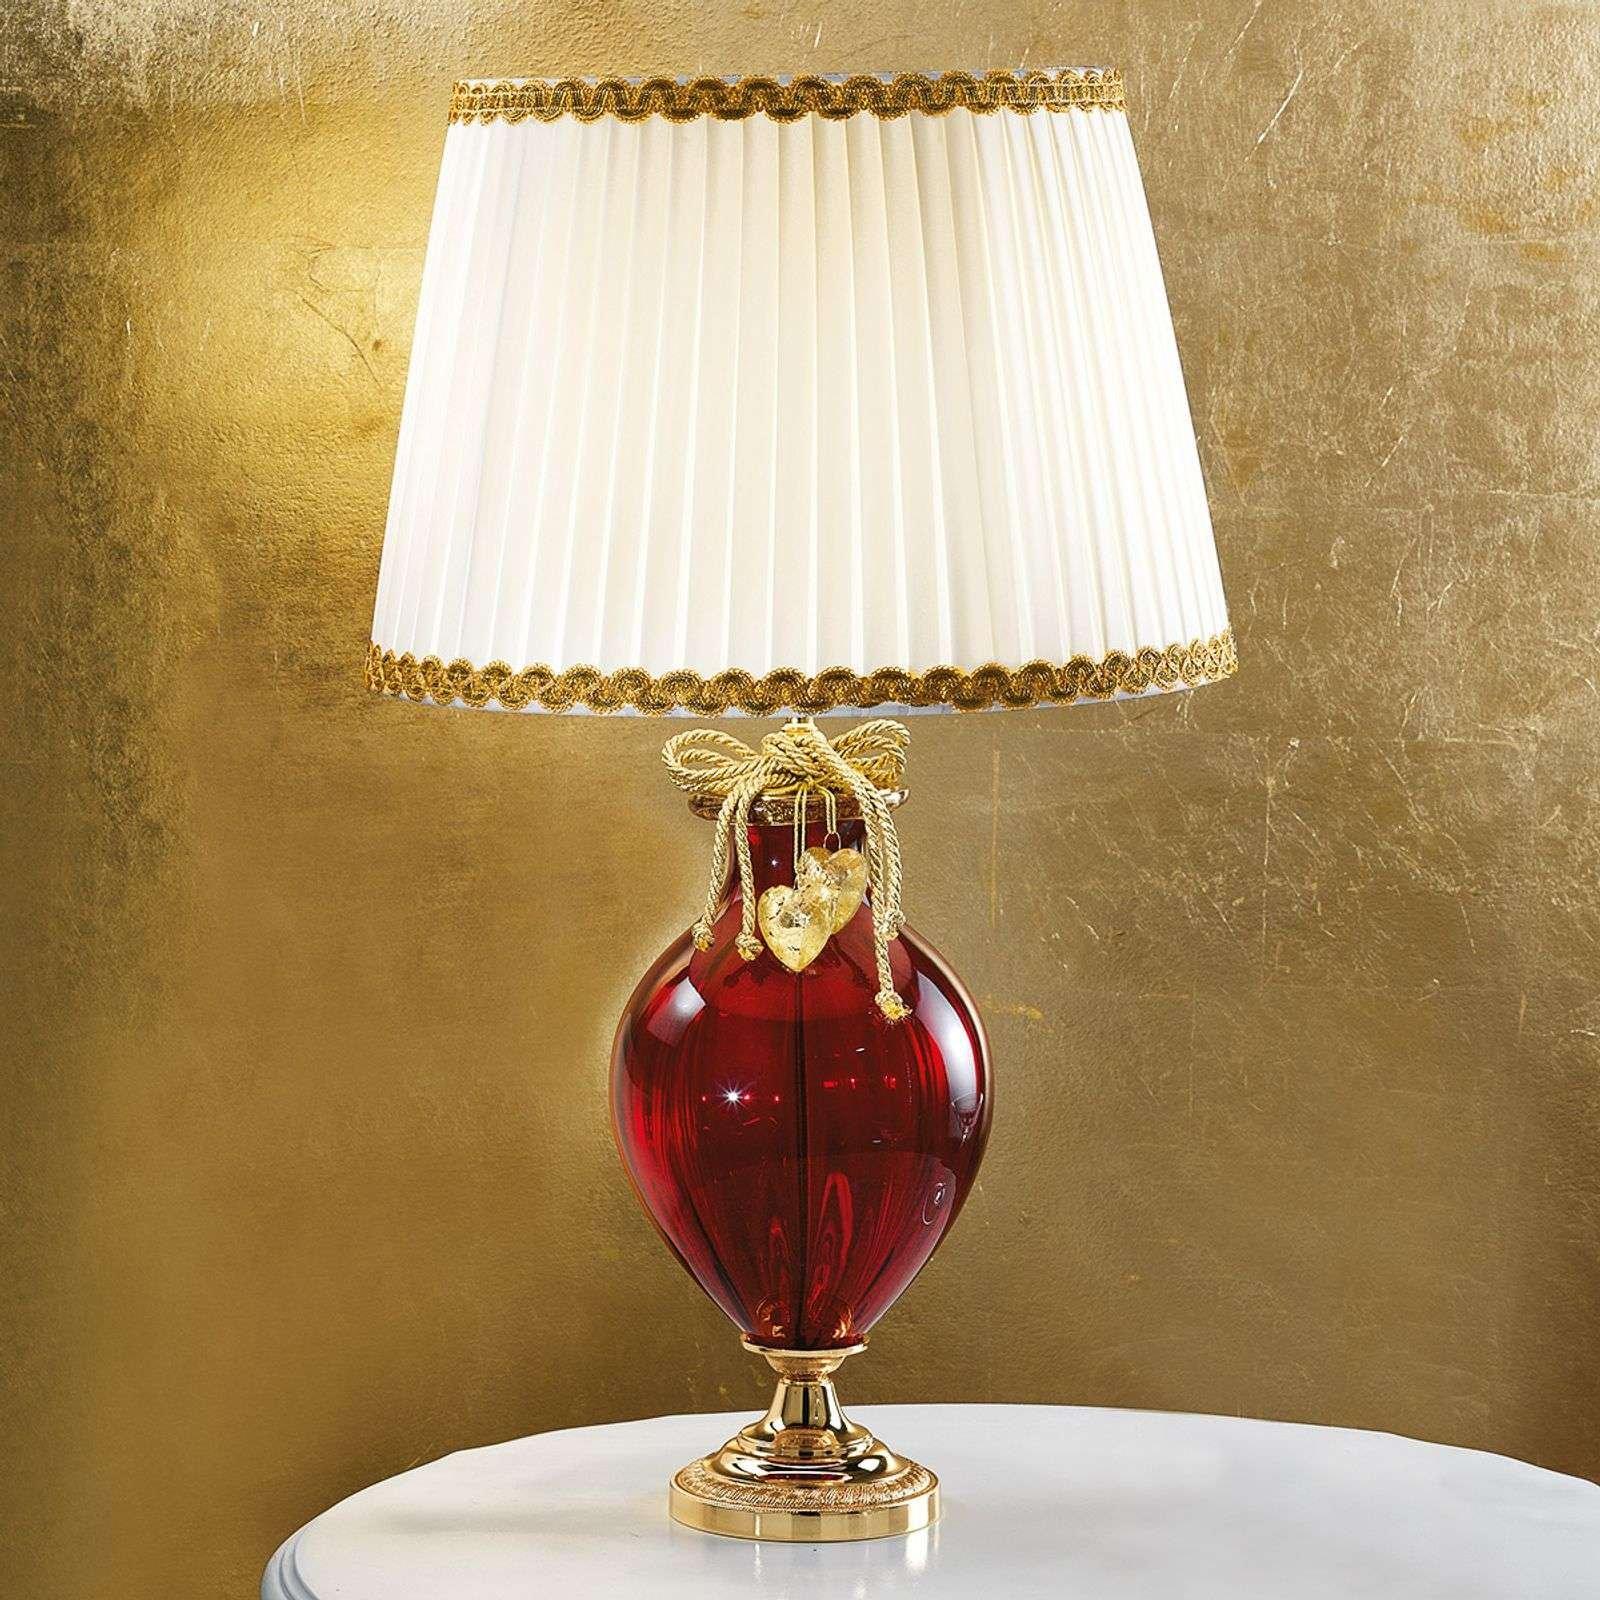 Ella noble Murano glass table lamp